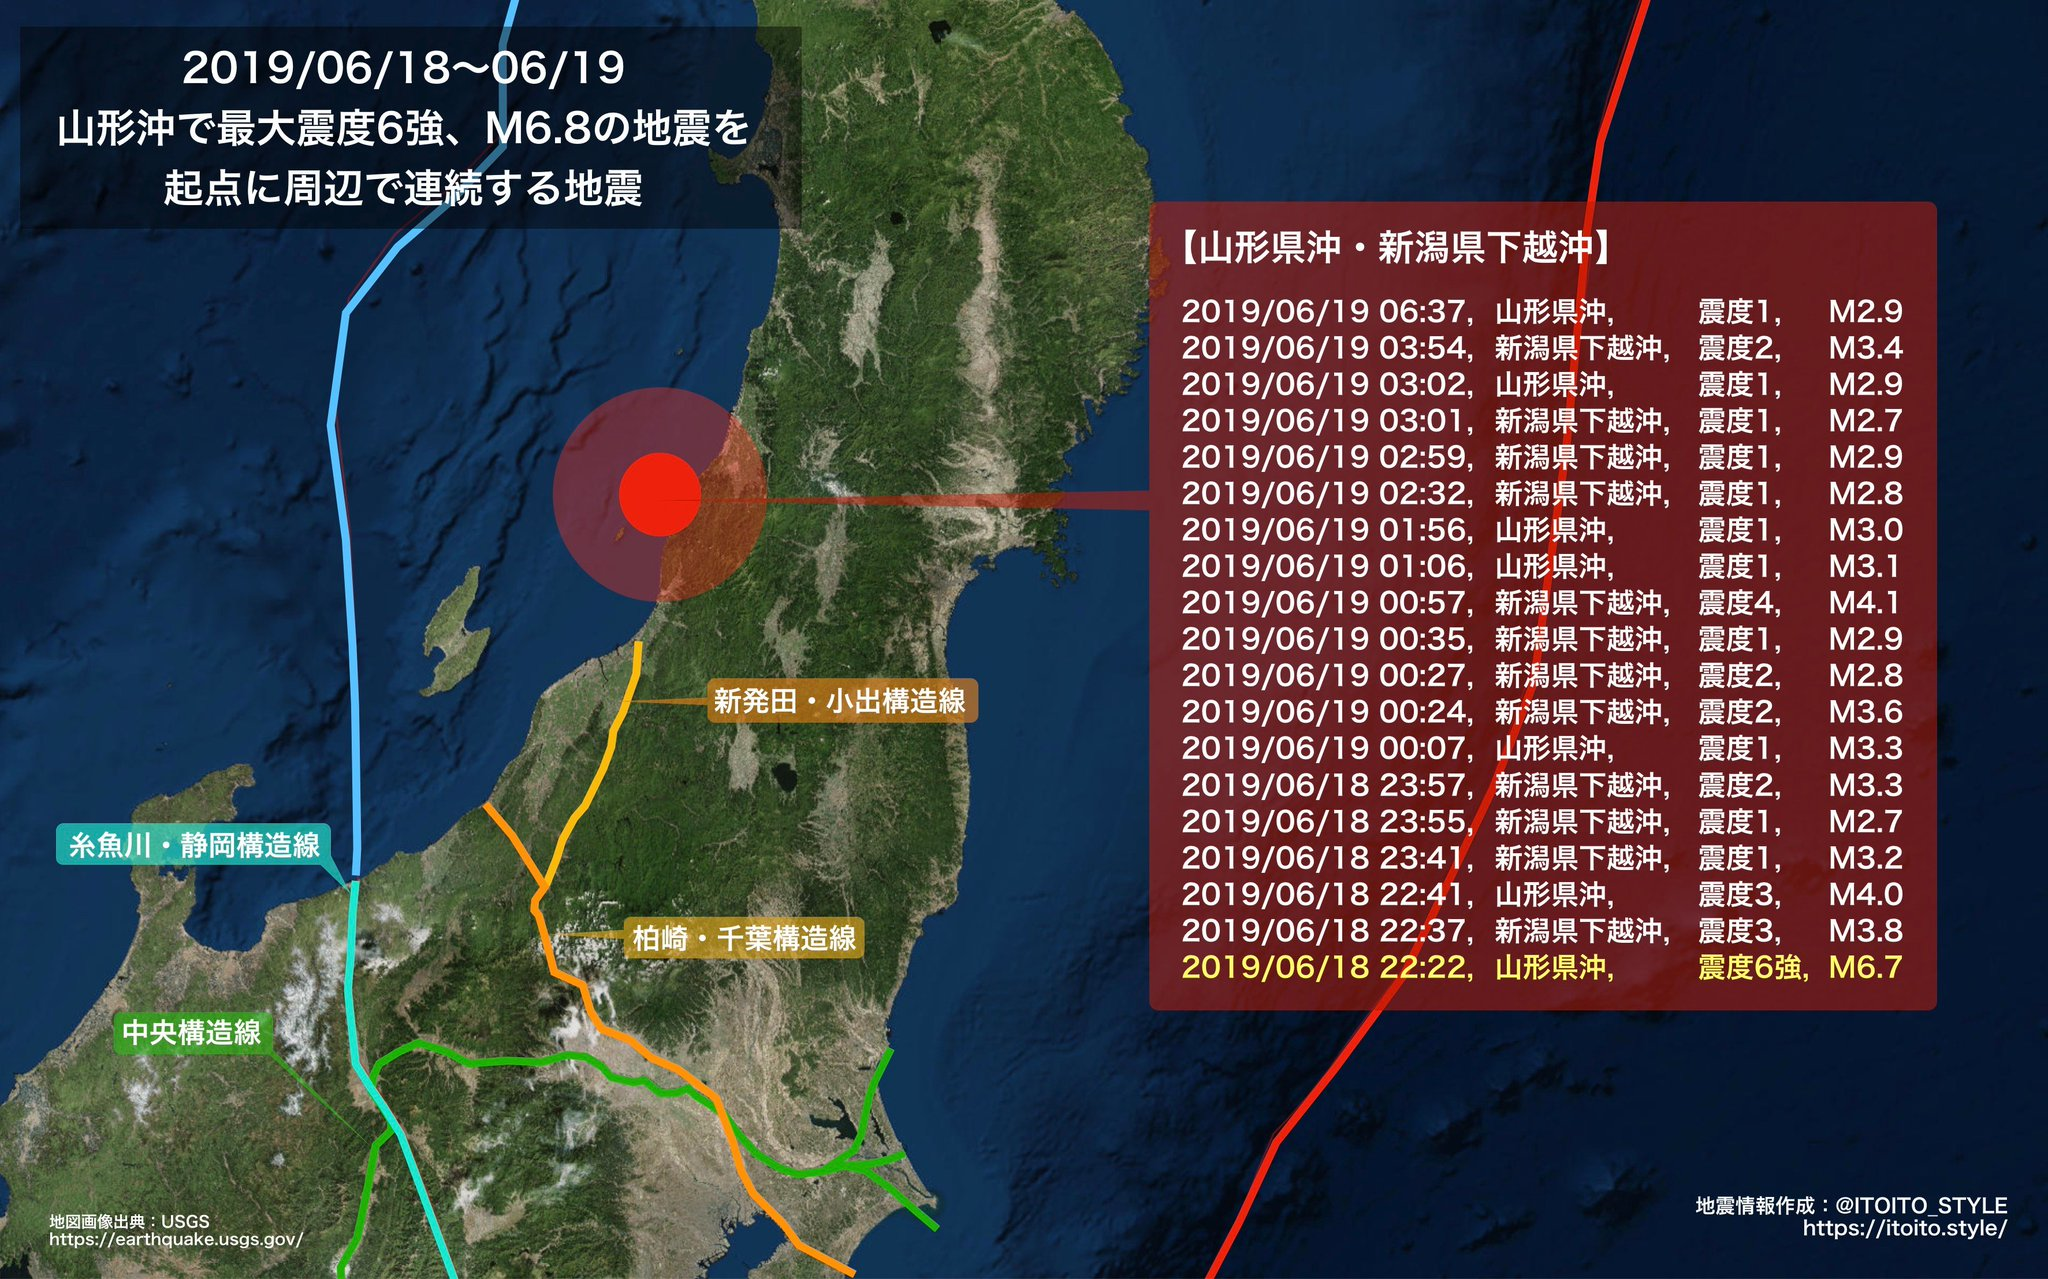 画像,山形沖を震源とする大きな地震から一夜明け鶴岡で液状化などの被害が出ていますが、引き続き同じ震源域では小規模な地震が連続しています。2016年の熊本地震では、最初…